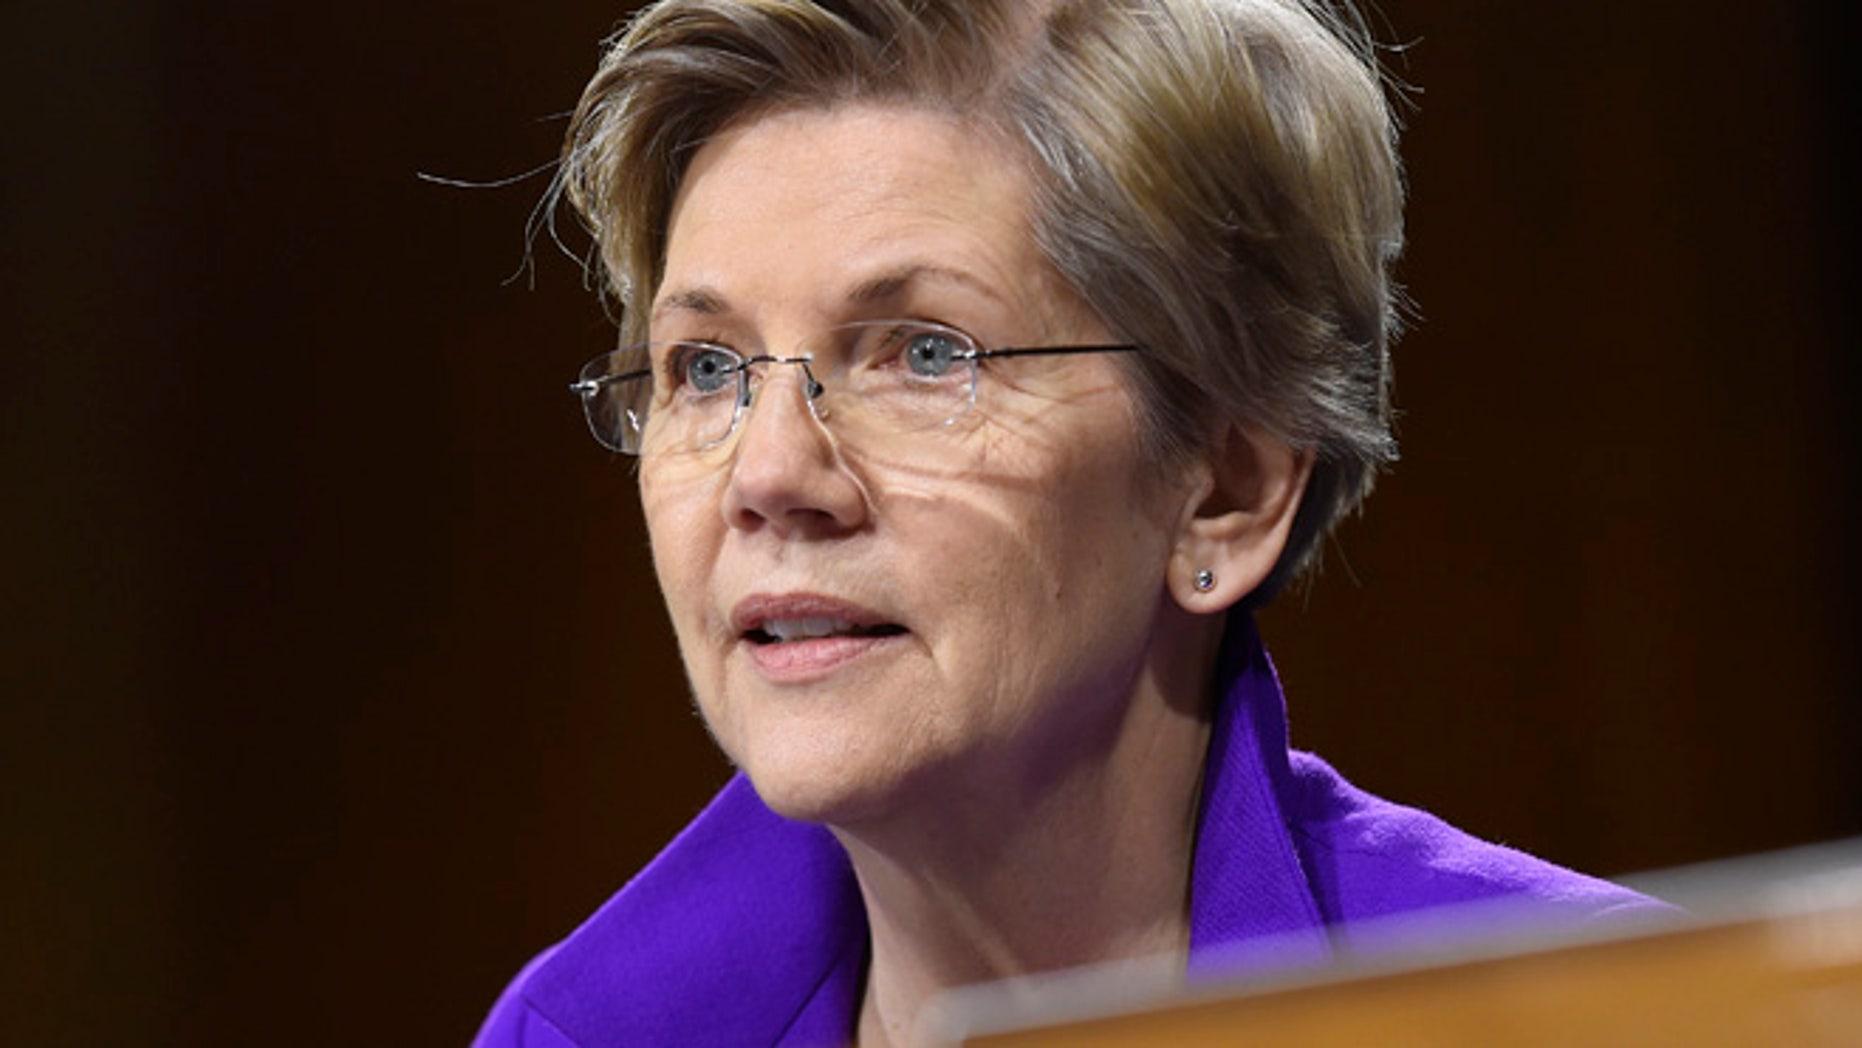 Feb. 24, 2015: Sen. Elizabeth Warren, D-Mass. is seen on Capitol Hill in Washington. (AP)